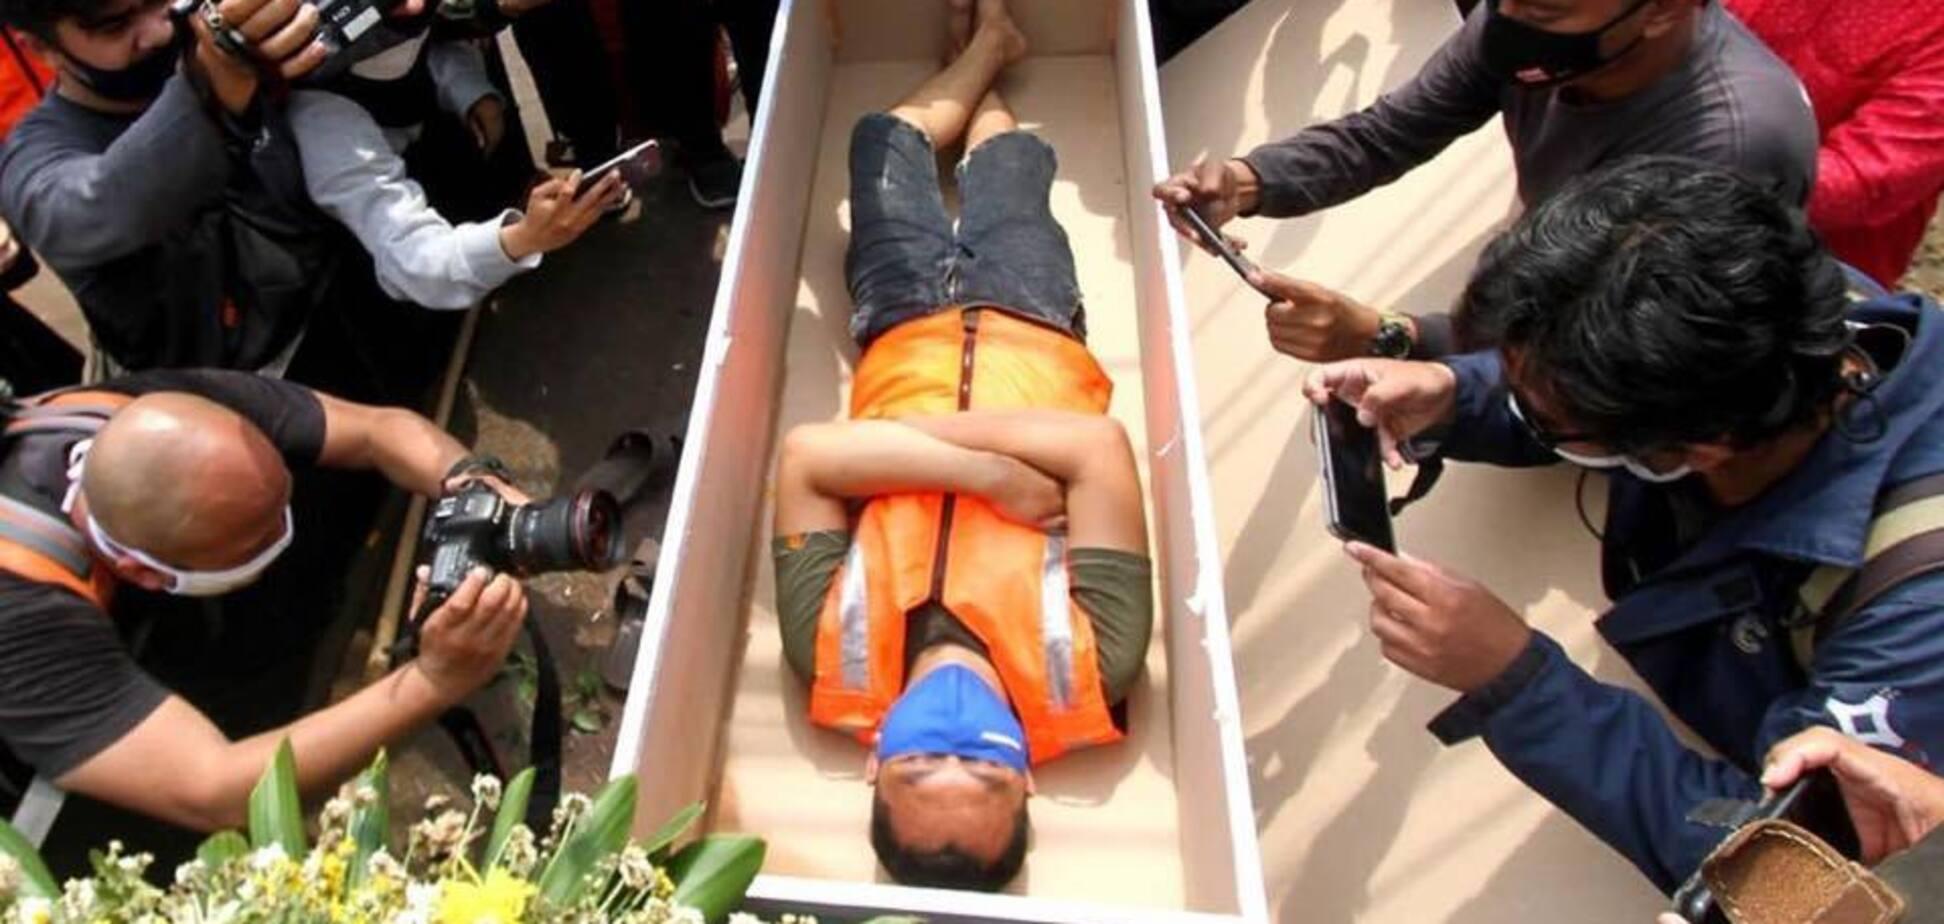 В Джакарте полиция людей без маски просит полежать в гробу